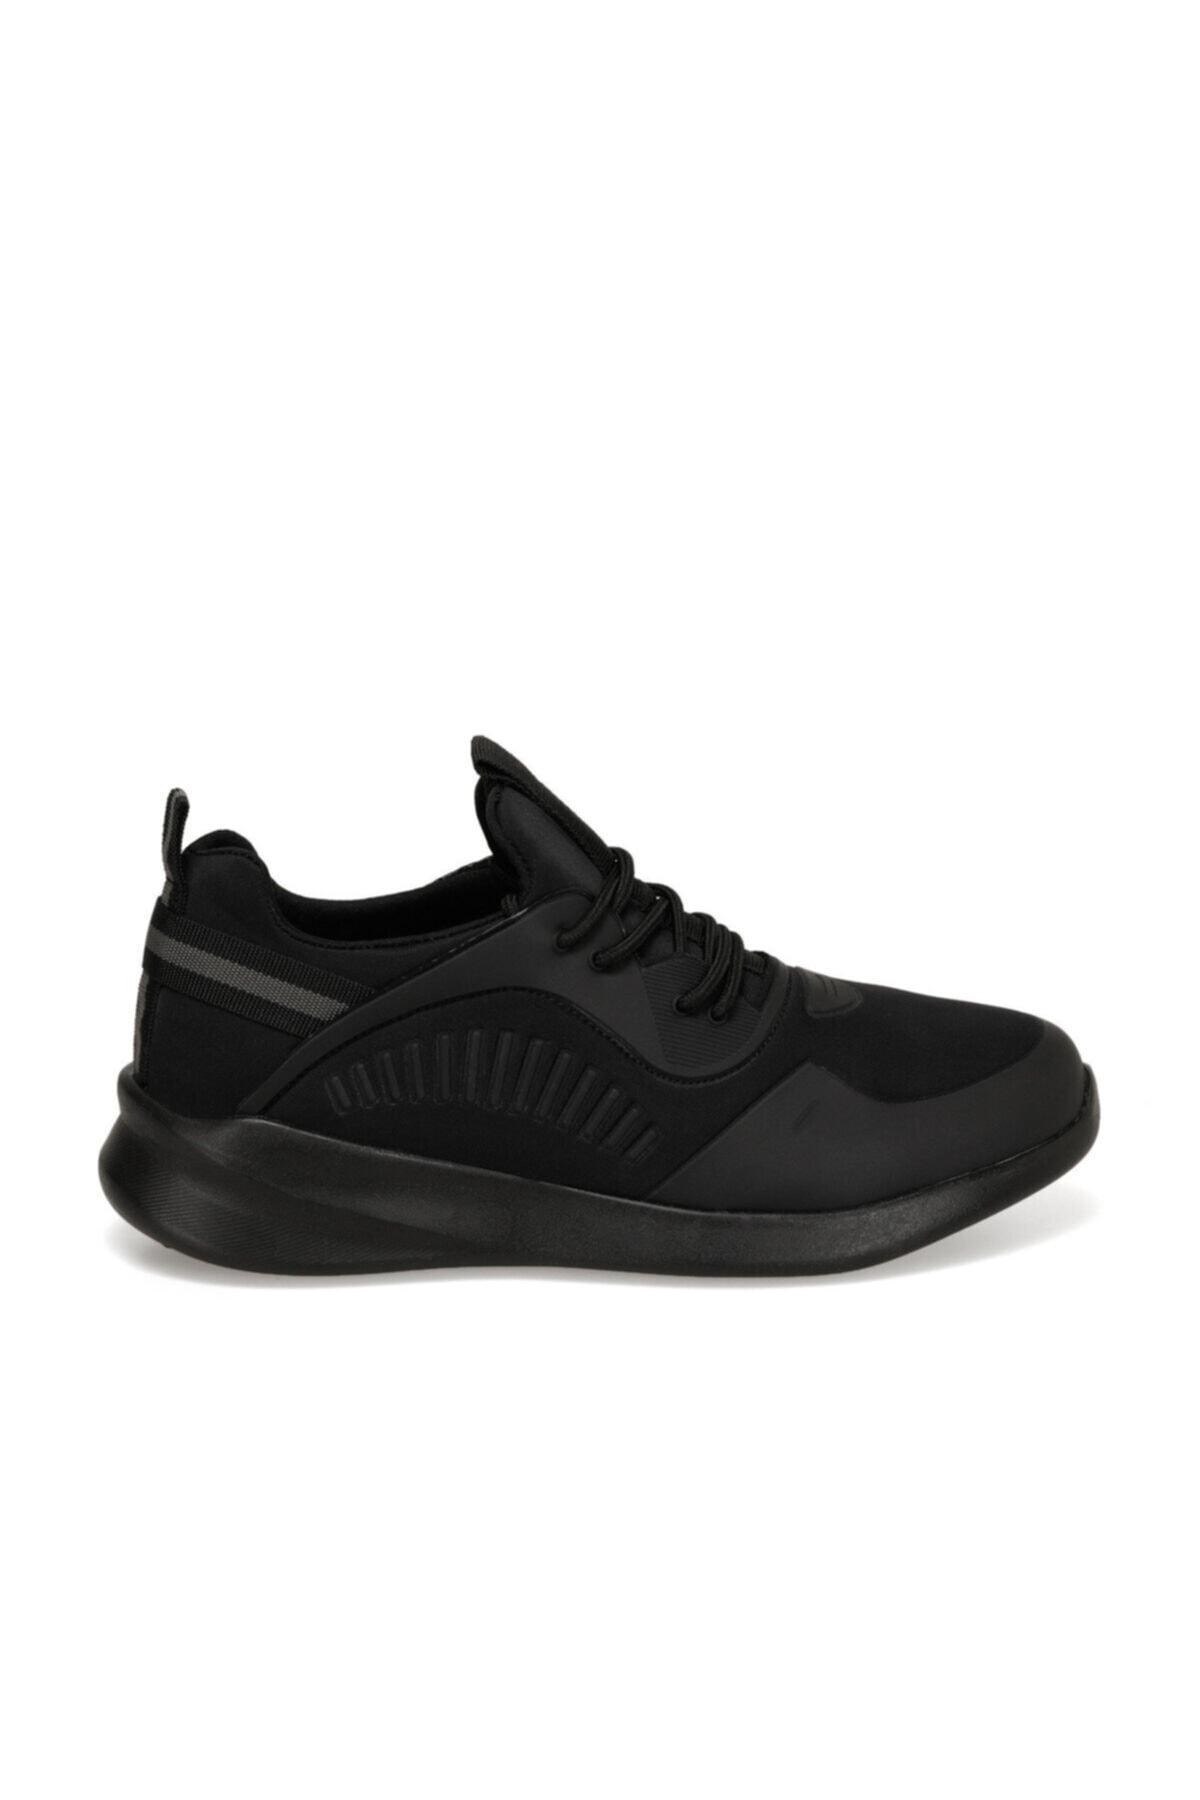 FORESTER EC-1085 Siyah Erkek Kalın Taban Sneaker Spor Ayakkabı 100569789 2